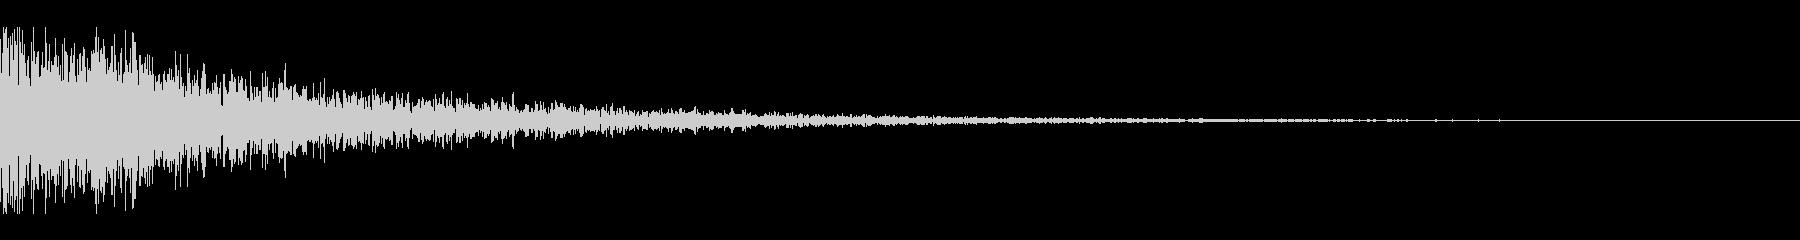 不吉なアタック音の未再生の波形